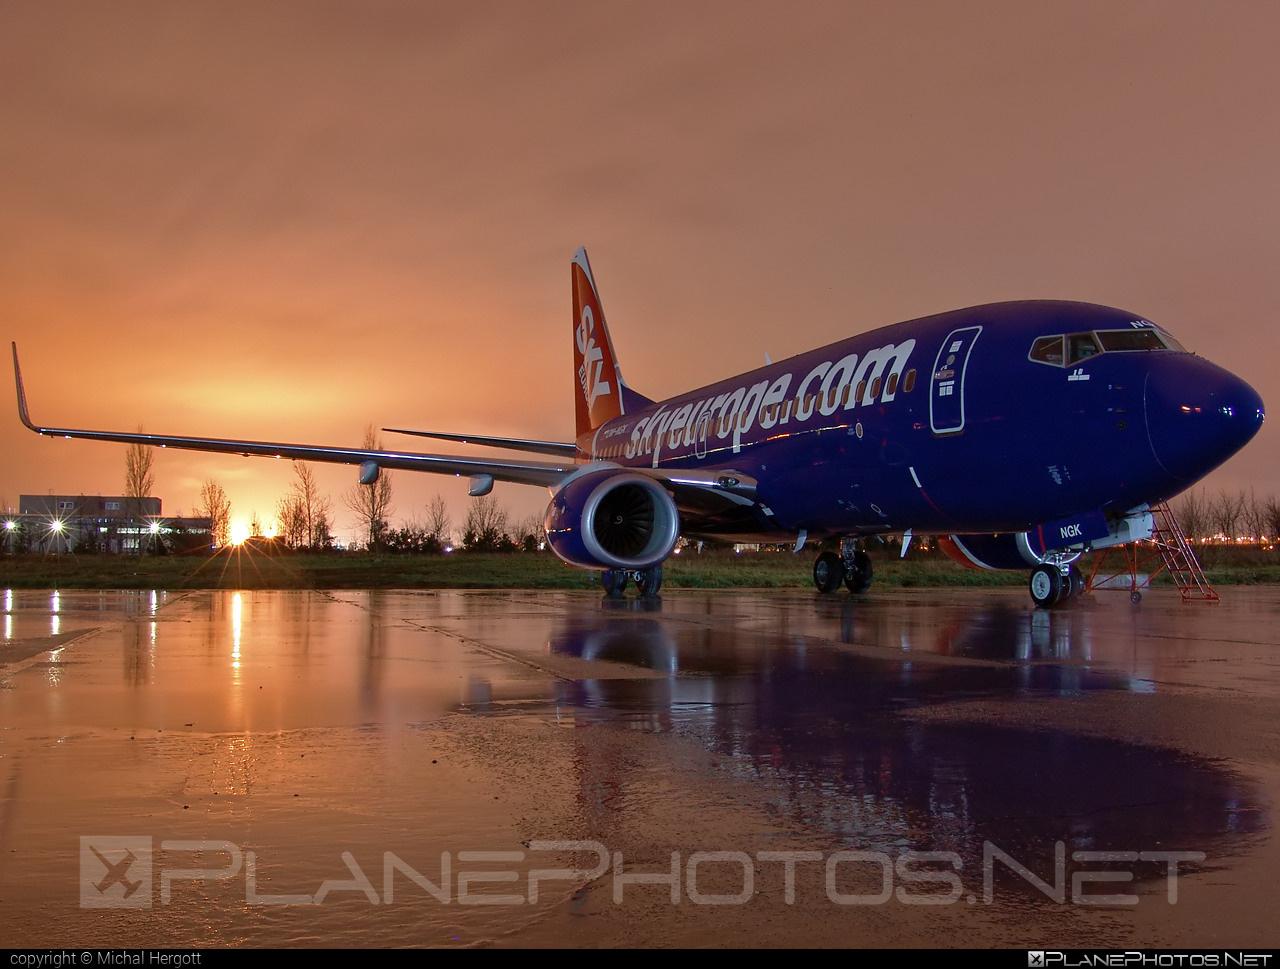 Boeing 737-700 - OM-NGK operated by SkyEurope Airlines #b737 #b737nextgen #b737ng #boeing #boeing737